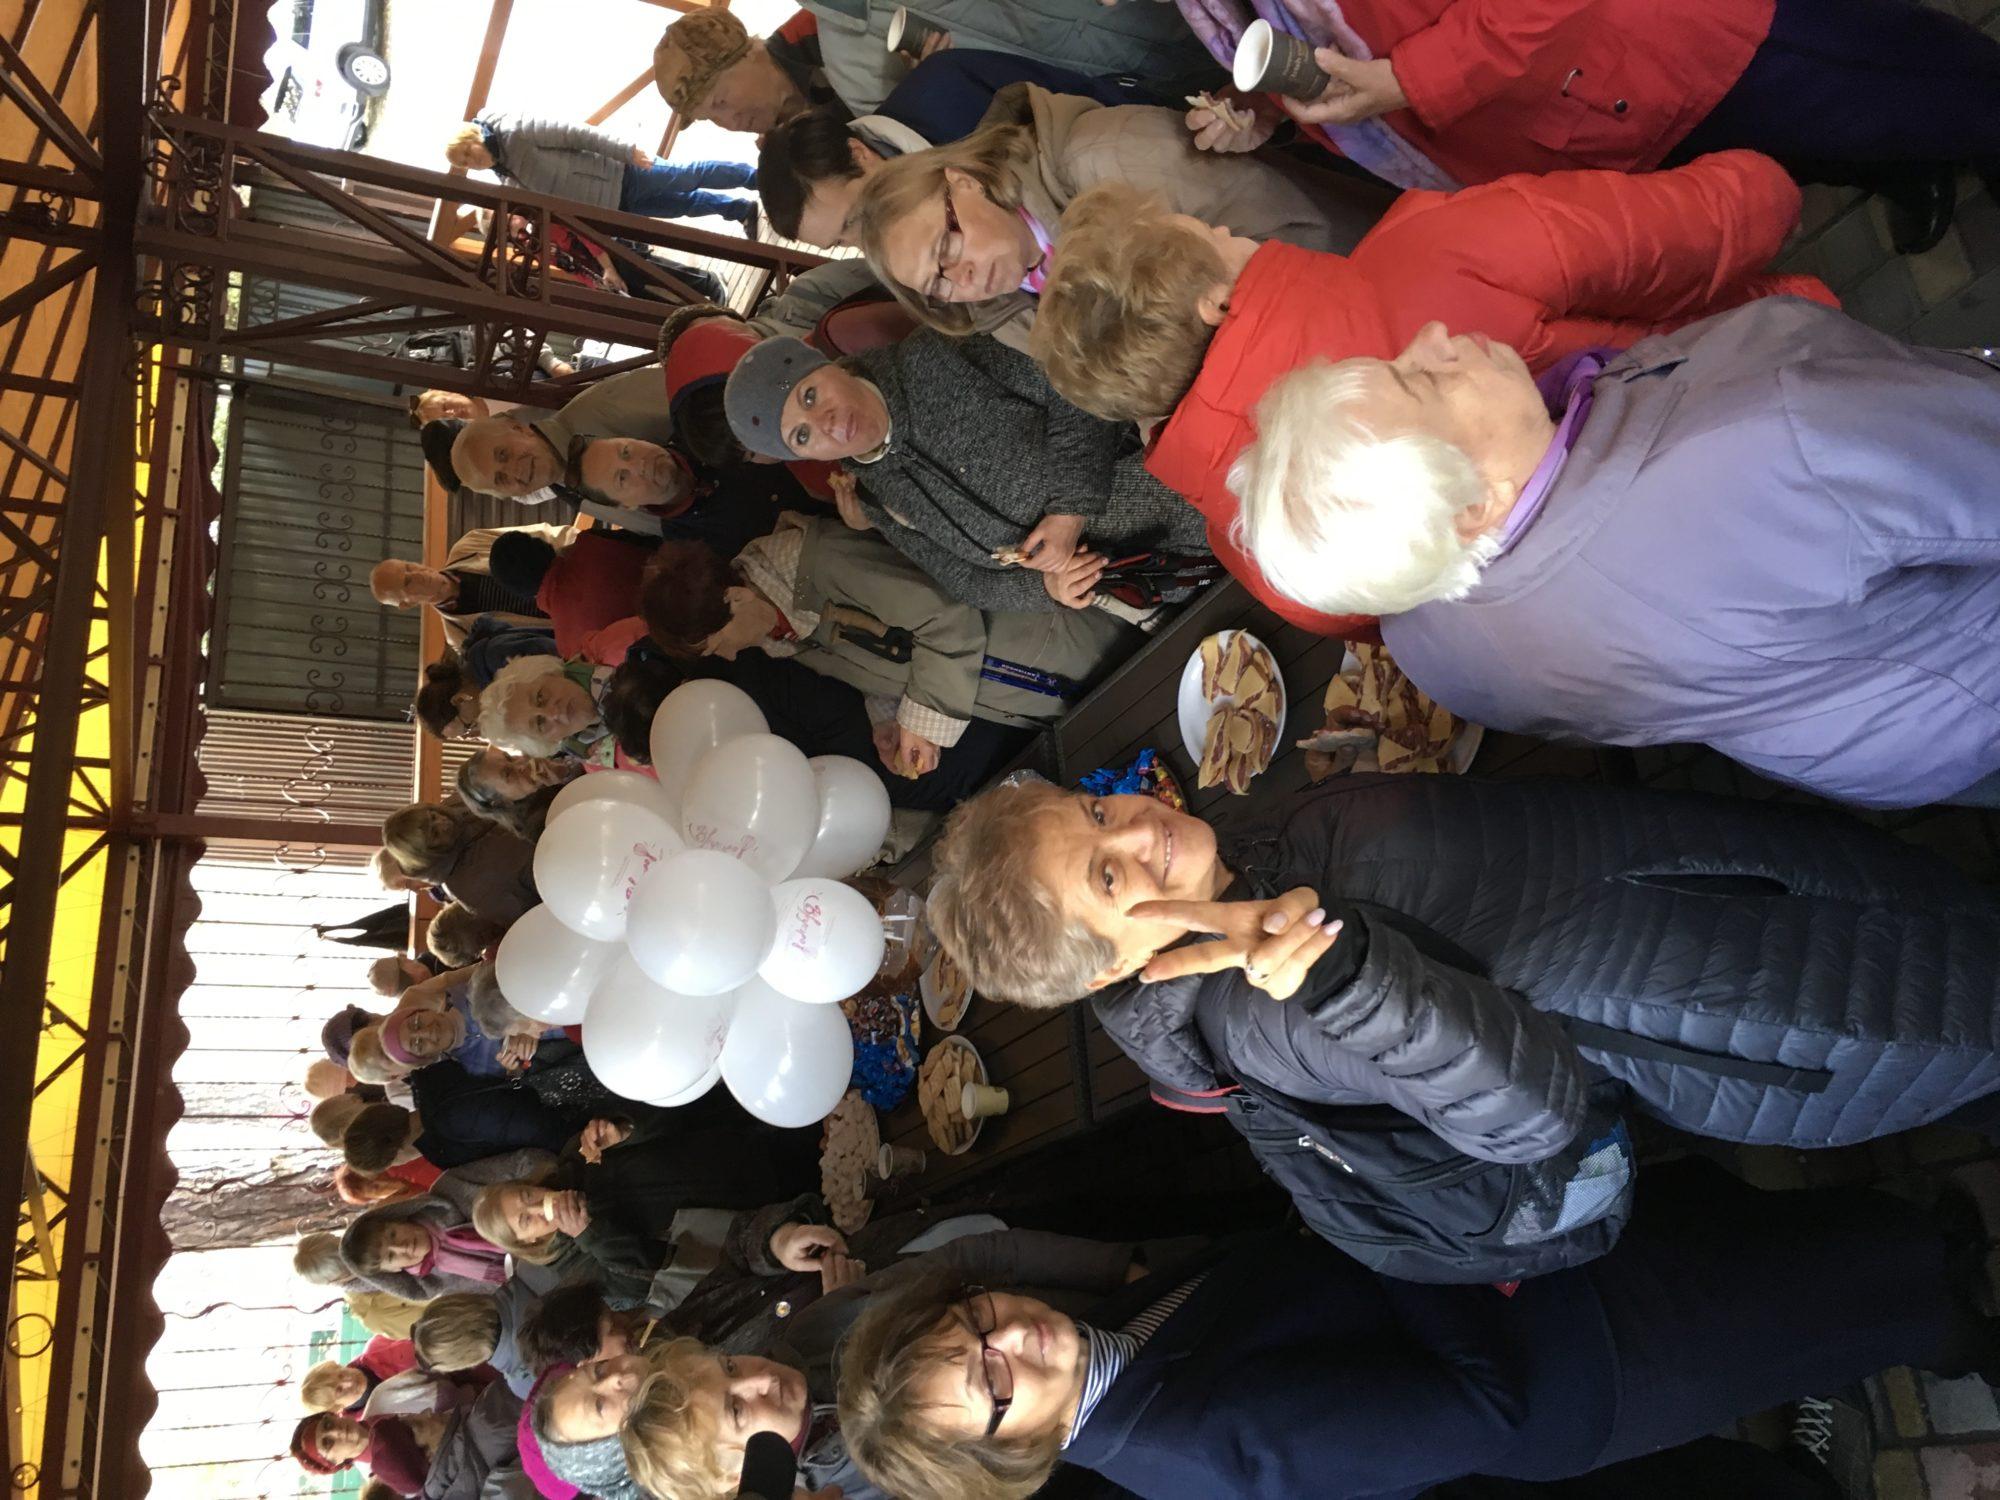 В Українці пенсіонери з палицями в руках відсвяткували День людей похилого віку -  - 8B38A5C0 80D1 40A4 9ADD 80A143DB1D61 2000x1500